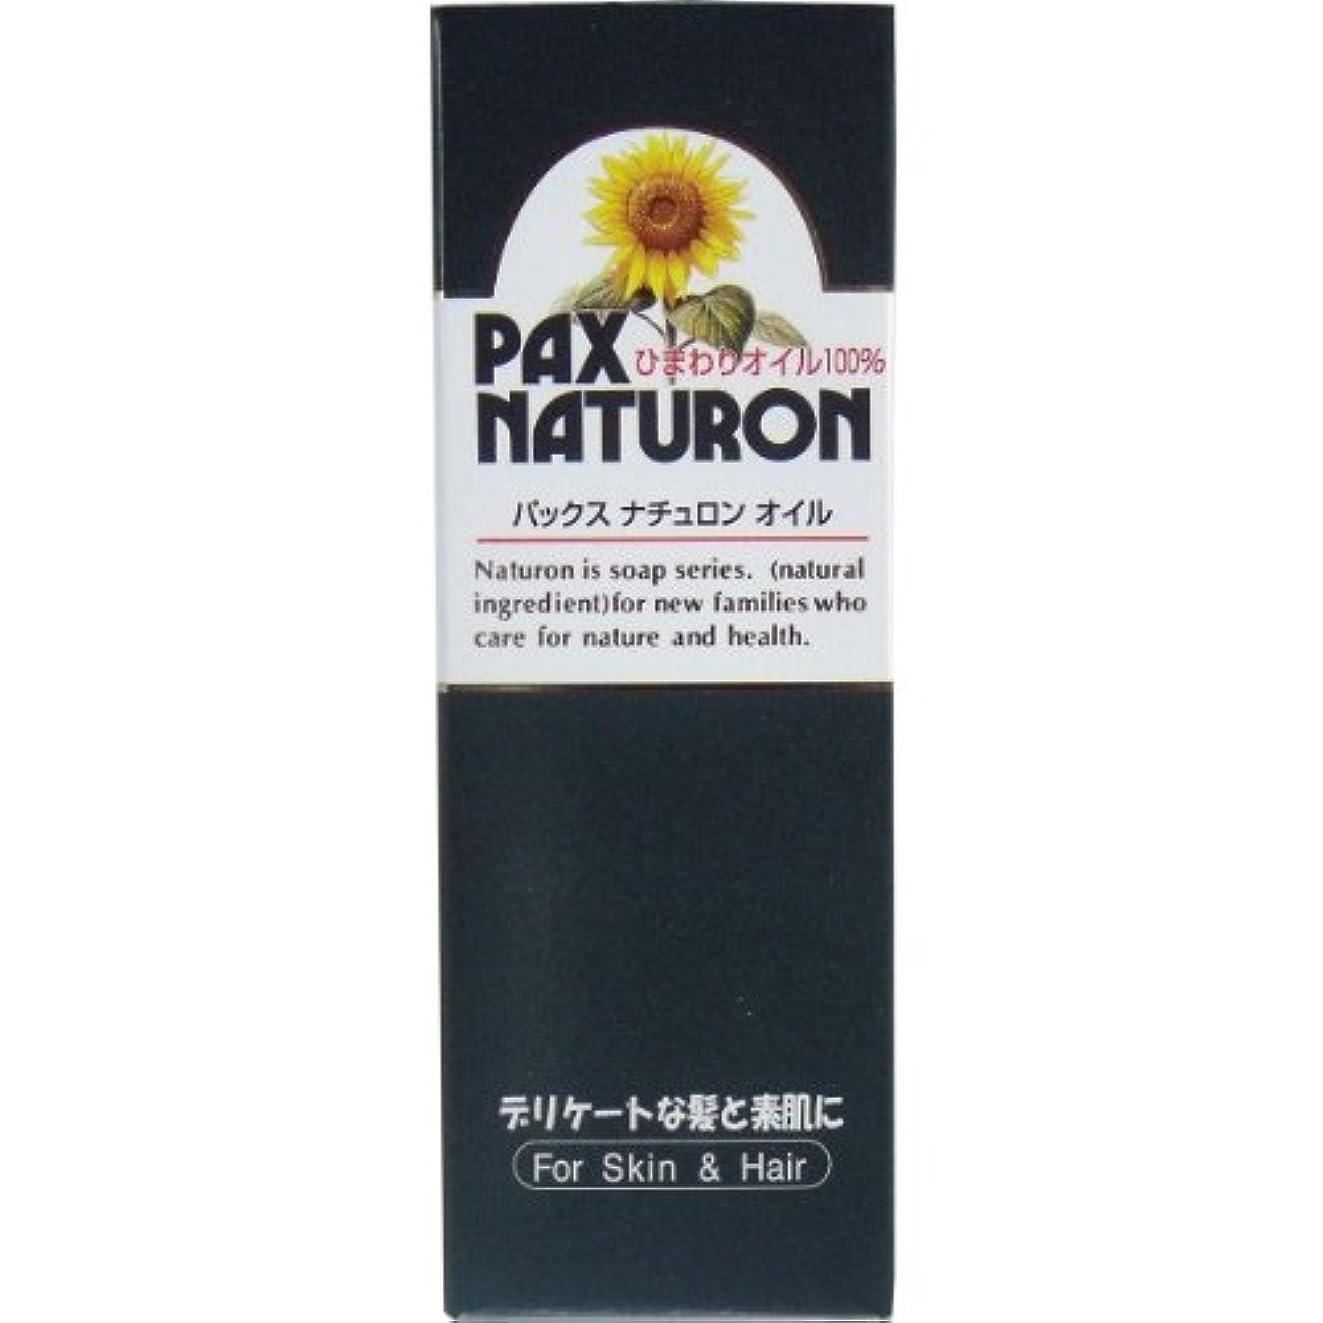 機関国際ホーンパックスナチュロン オイル(ひまわりオイル100%) 60ml 【3セット】